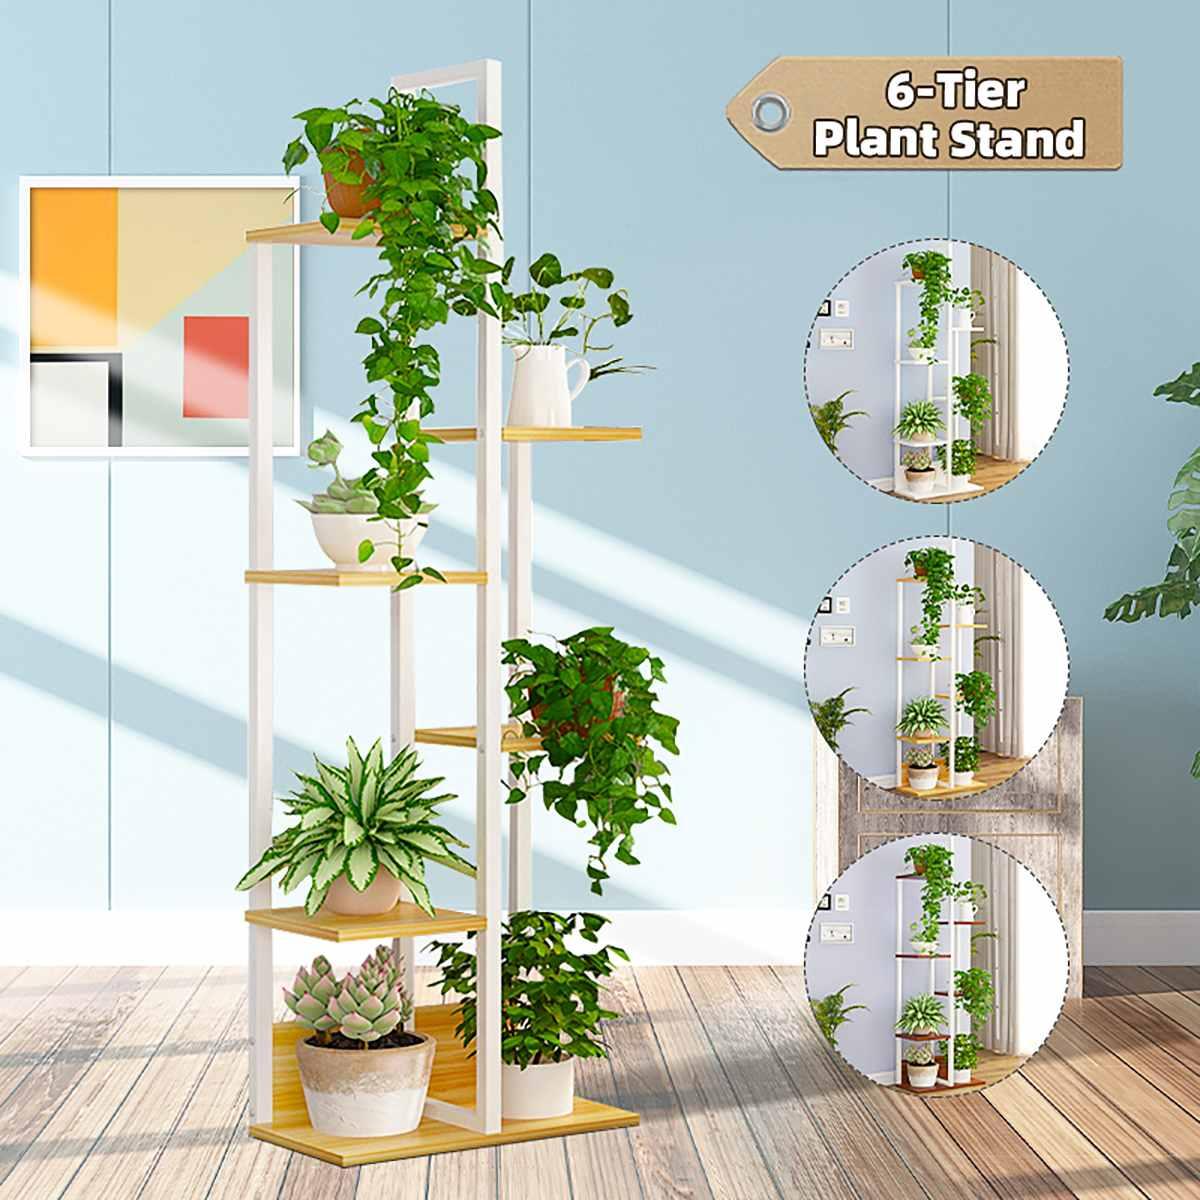 6 Tier Wooden Plant Stand Flower Pot Rack Outdoor Display Shelf Holder Home Decor Indoor Balcony Garden Flower Pot Storage Rack